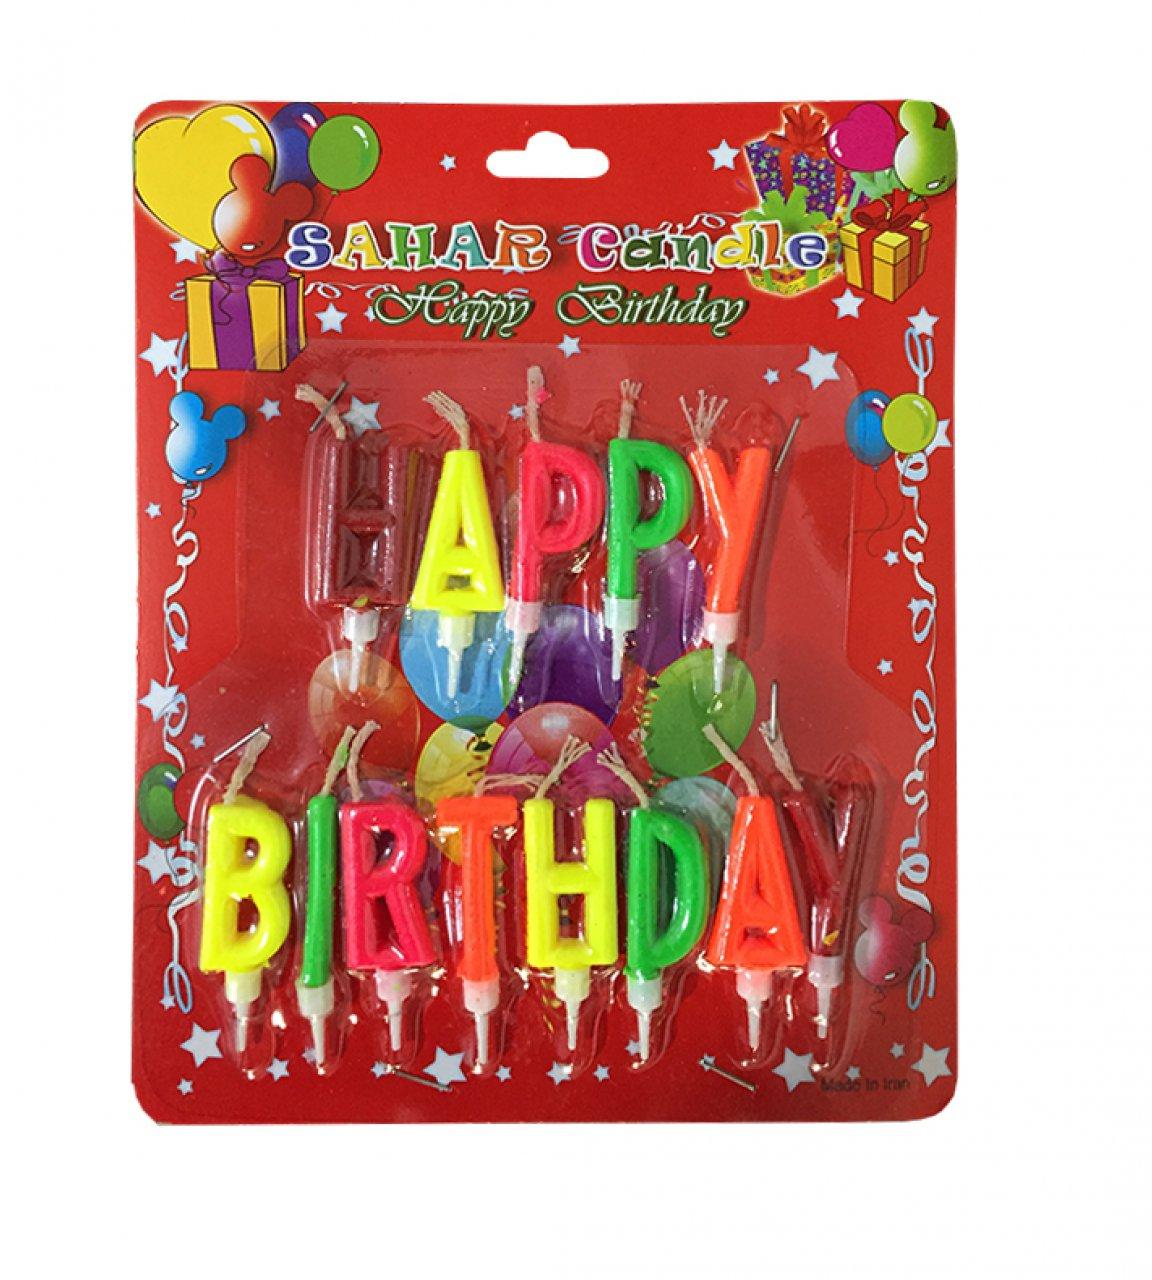 شمع حروف تولد مبارک (HAPPY BIRTH DAY)